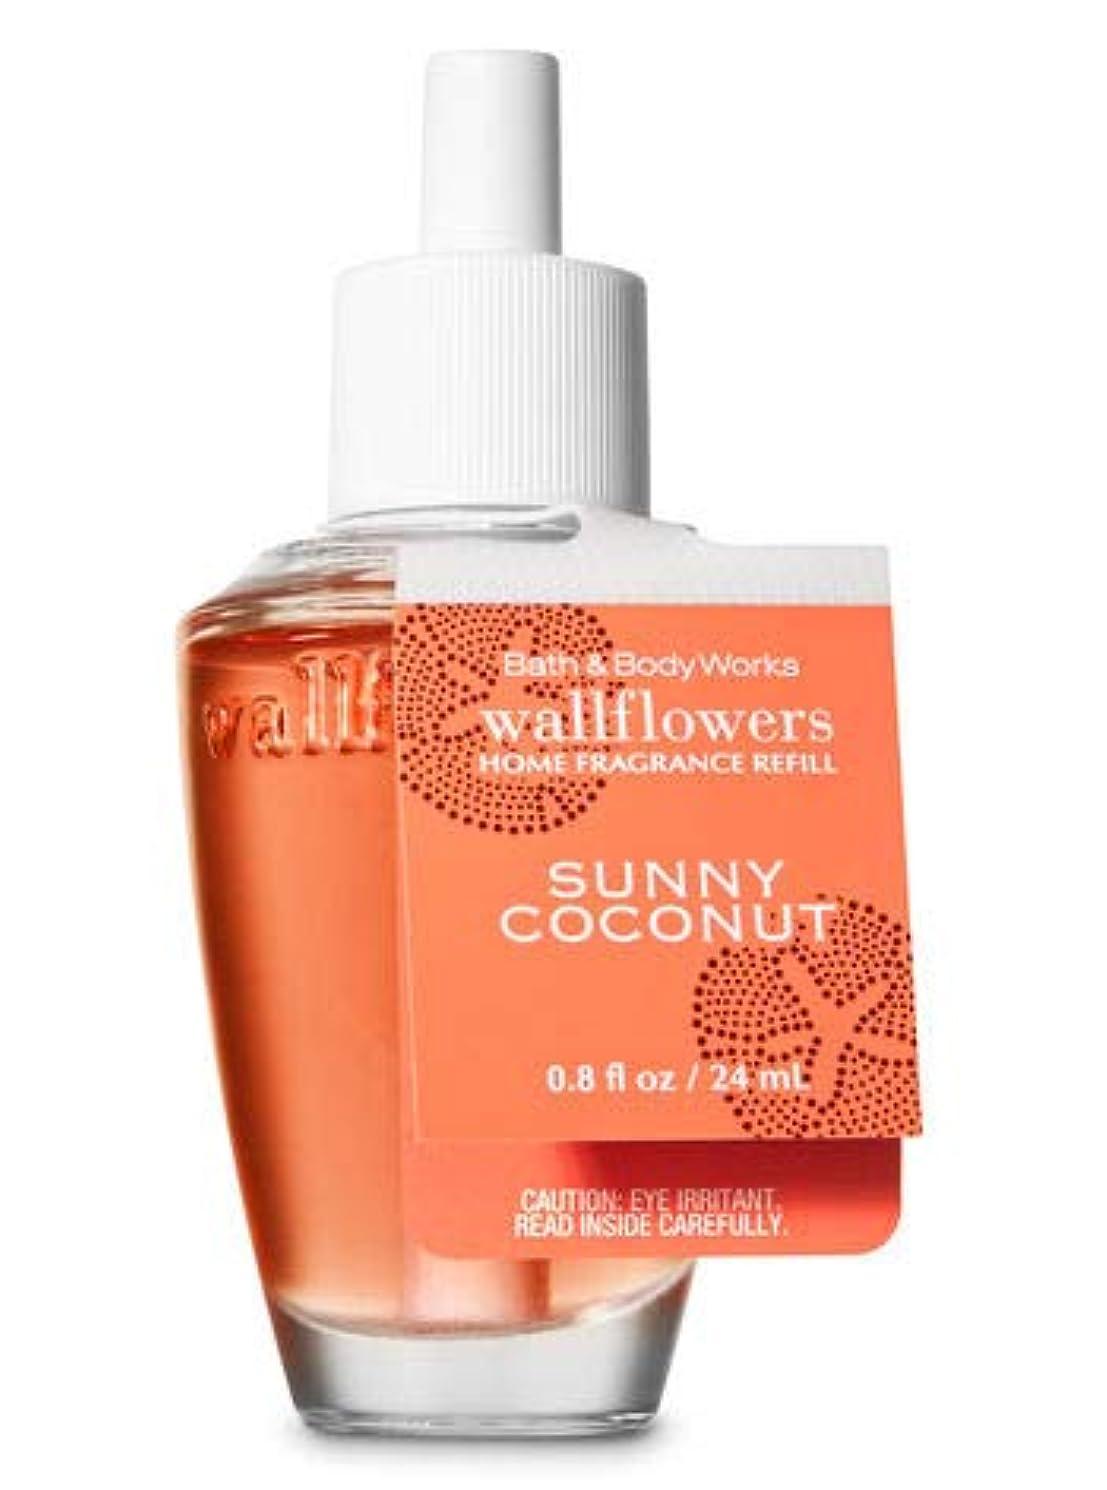 本を読むグリーンバックページ【Bath&Body Works/バス&ボディワークス】 ルームフレグランス 詰替えリフィル サニーココナッツ Wallflowers Home Fragrance Refill Sunny Coconut [並行輸入品]